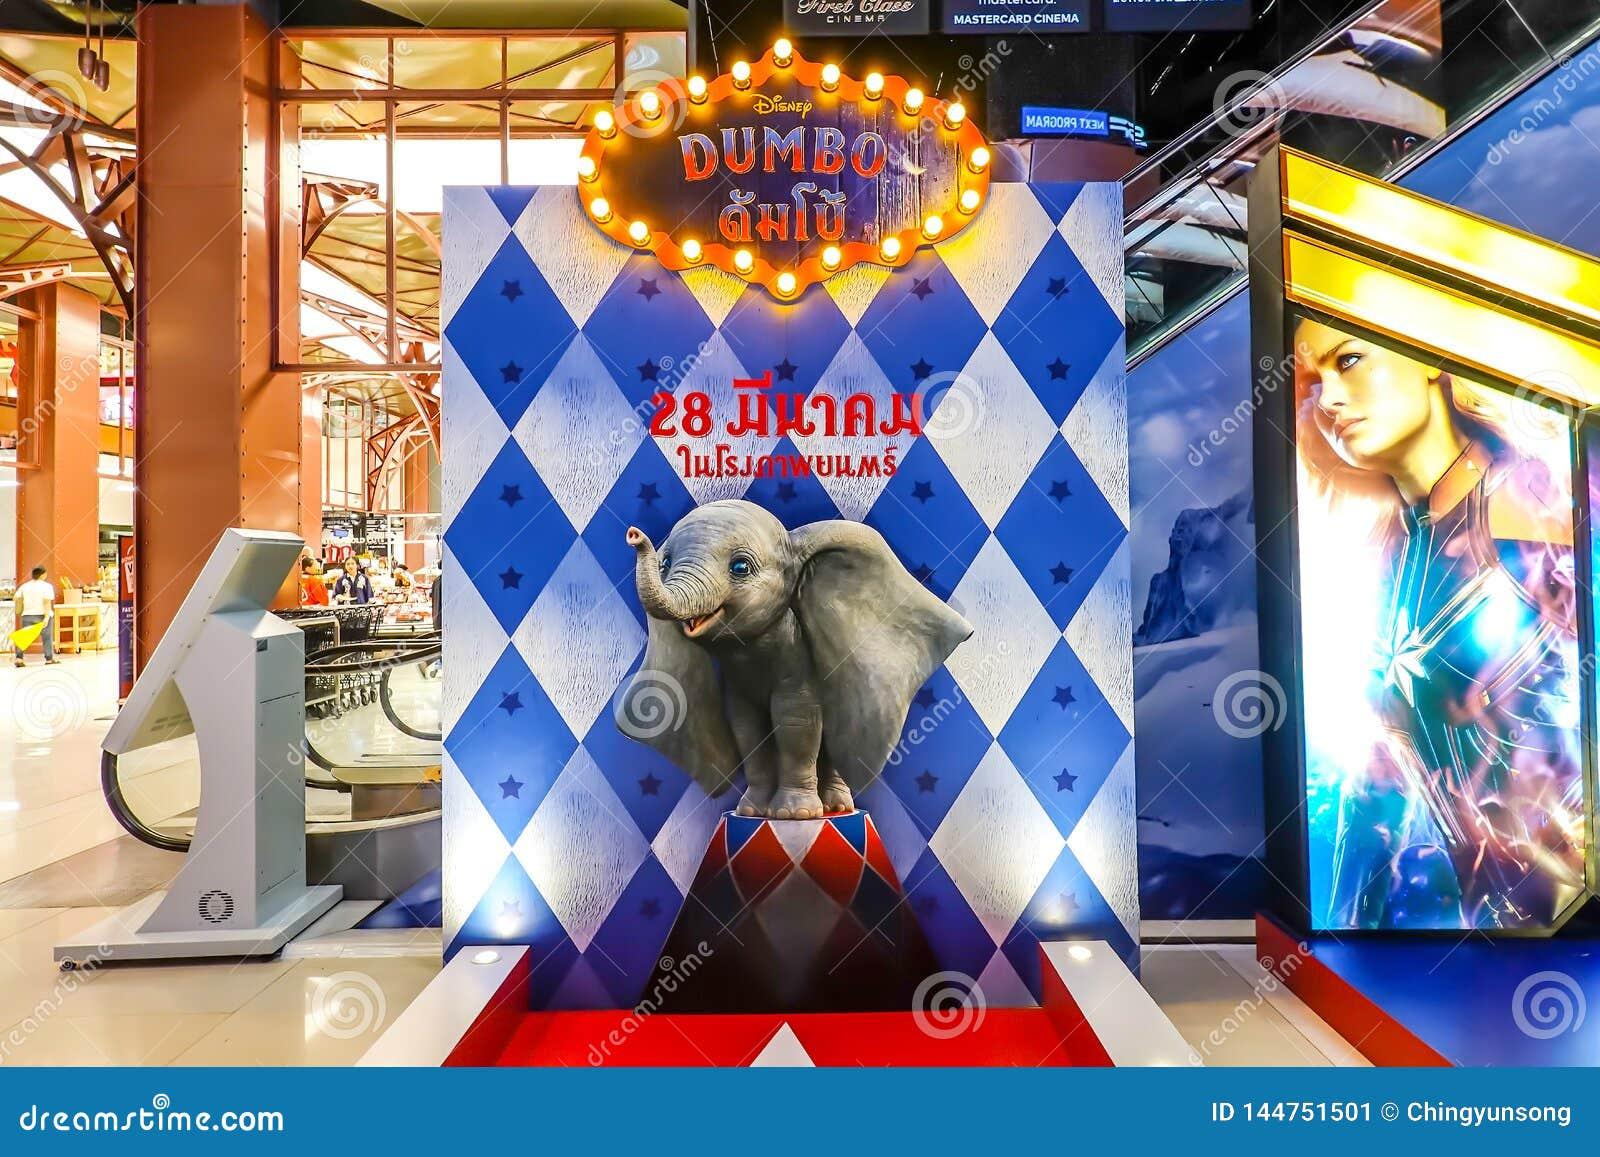 Красивый картон standee фильма вызвал дисплей Dumbo на кино для того чтобы п